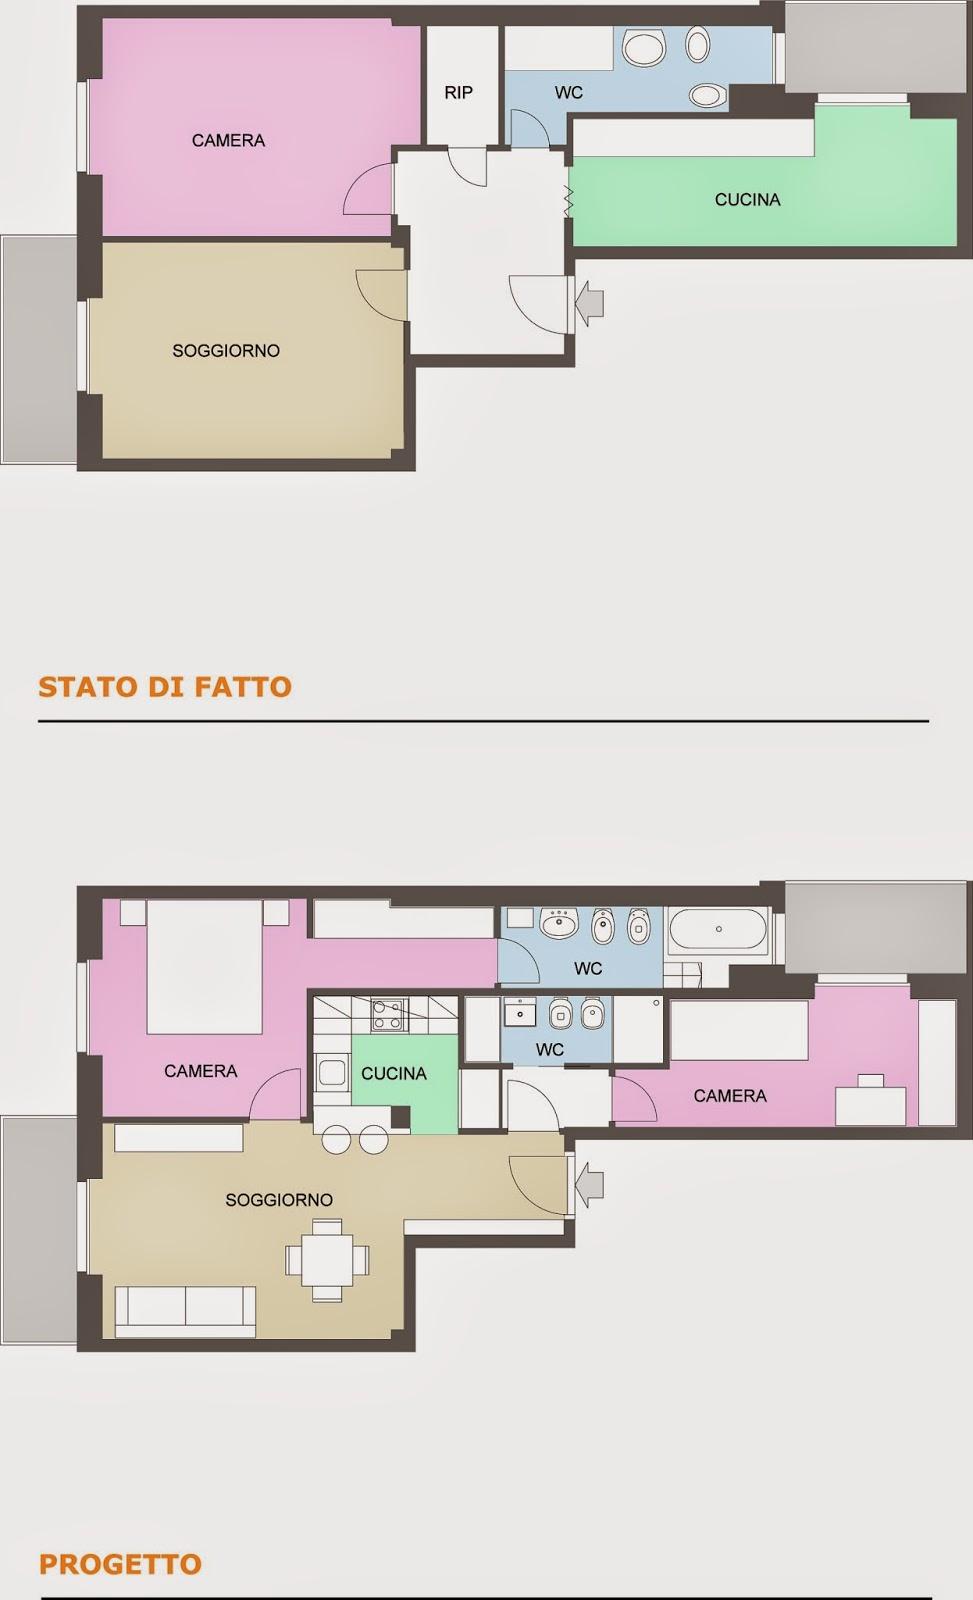 Appunti di architettura 5 consigli per progettare gli interni for Progettare gli interni di casa